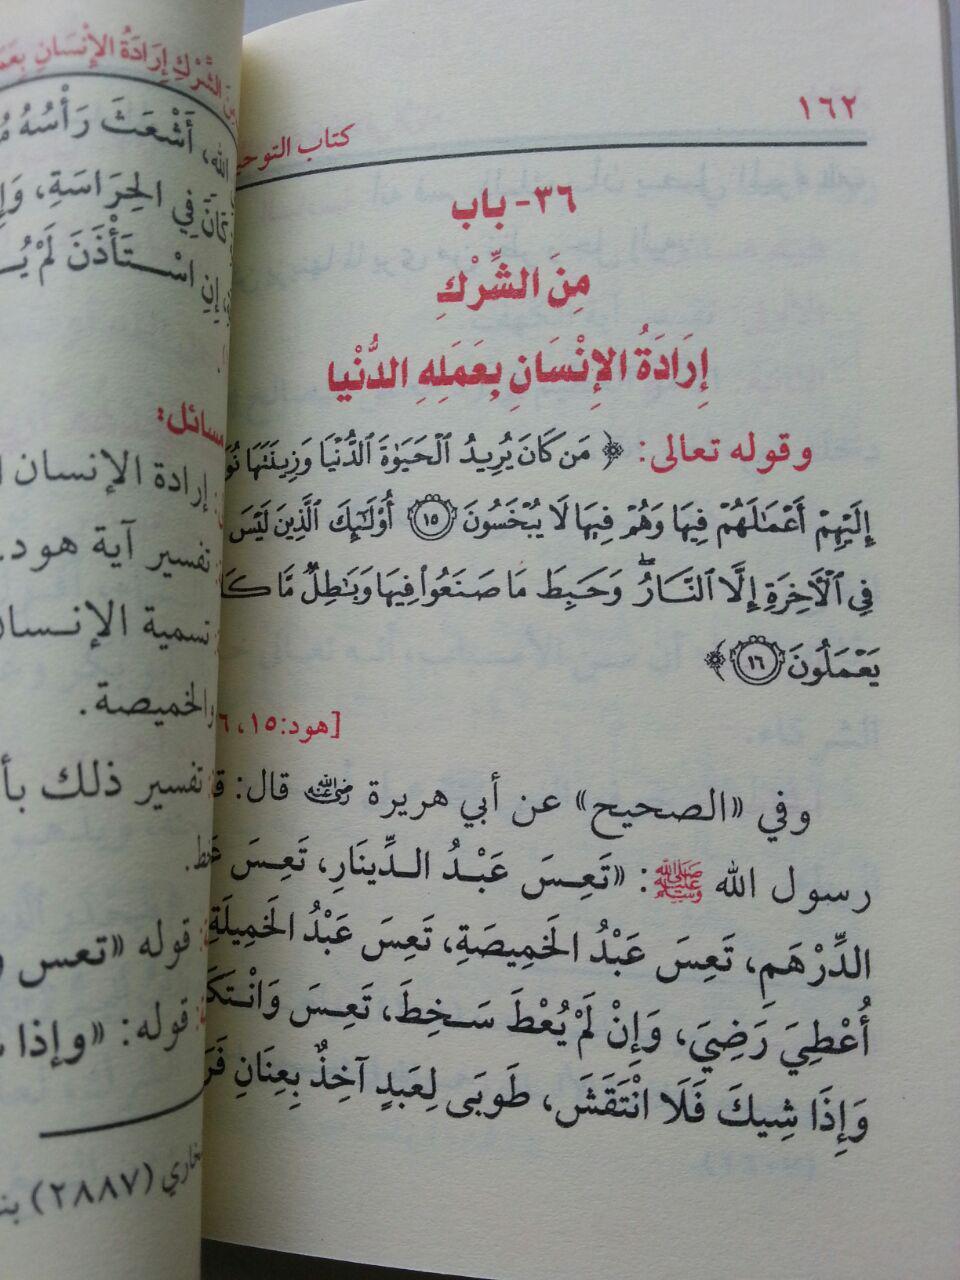 KT071 Kitab Matan Kitab At-Tauhid Muhammad bin Abdul Wahhab isi 4